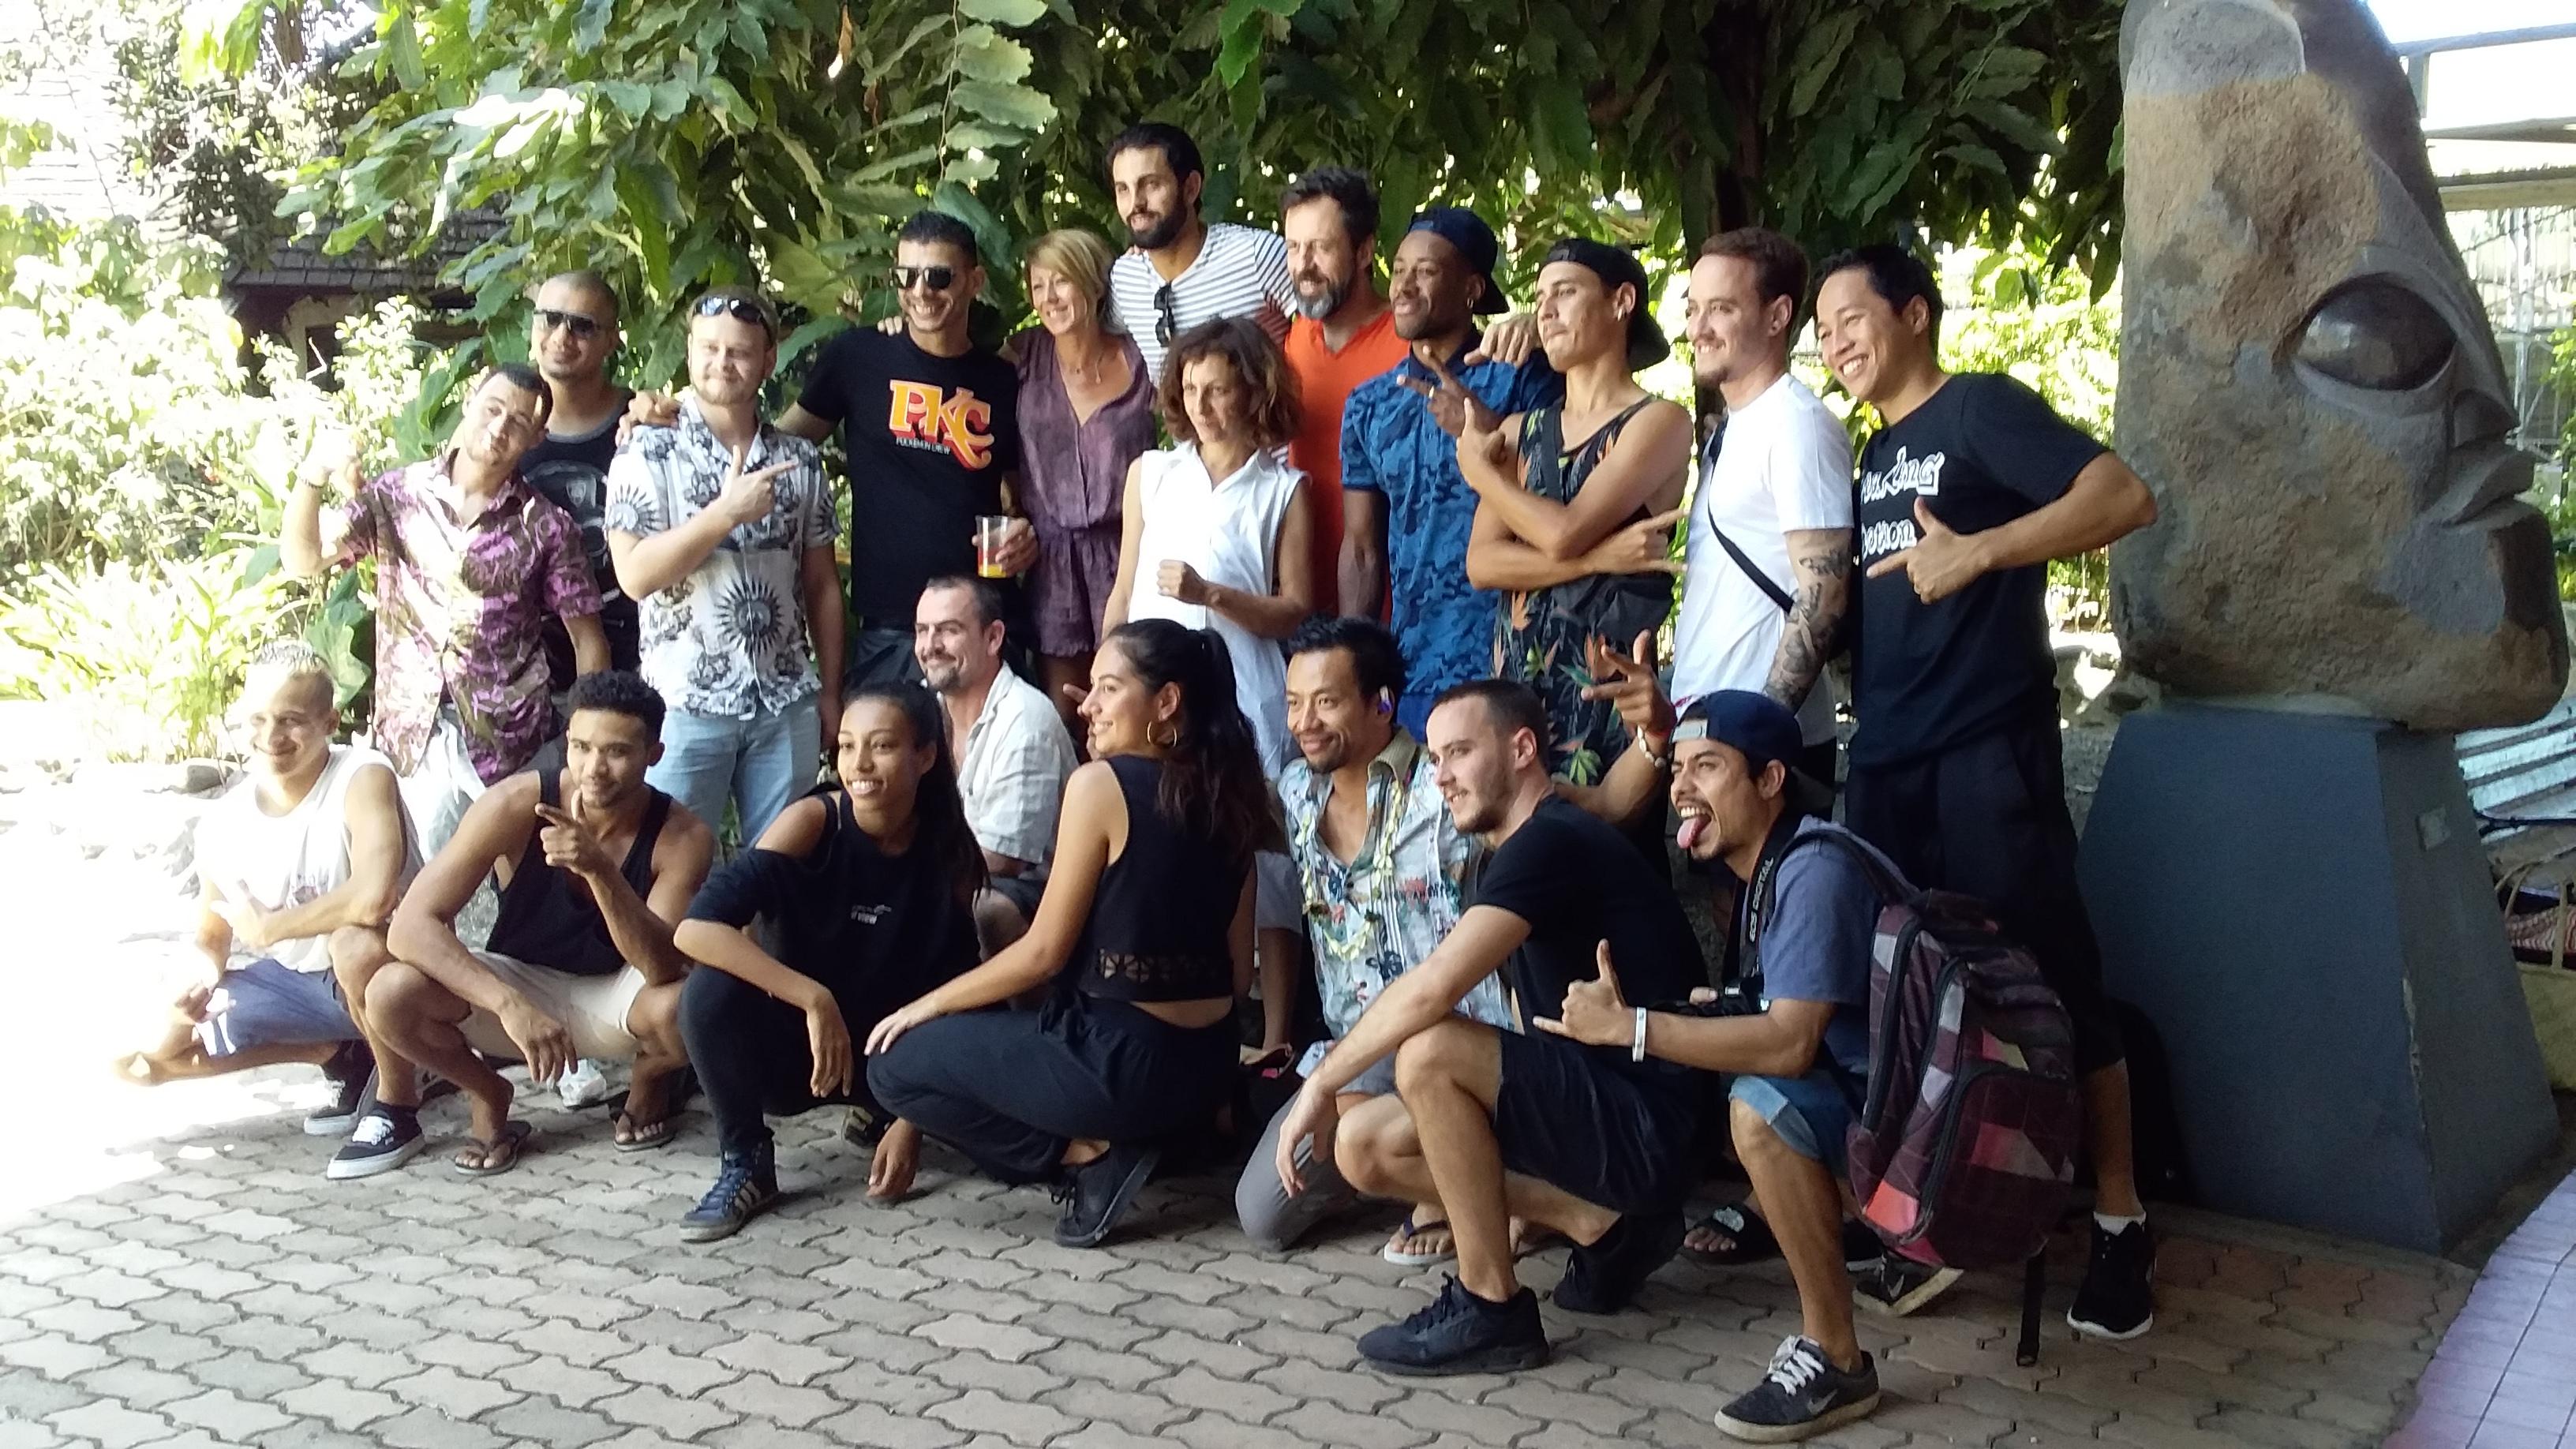 Les dix danseurs de Pockemon Crew iront à la rencontre des danseurs locaux et des jeunes des quartiers prioritaires.